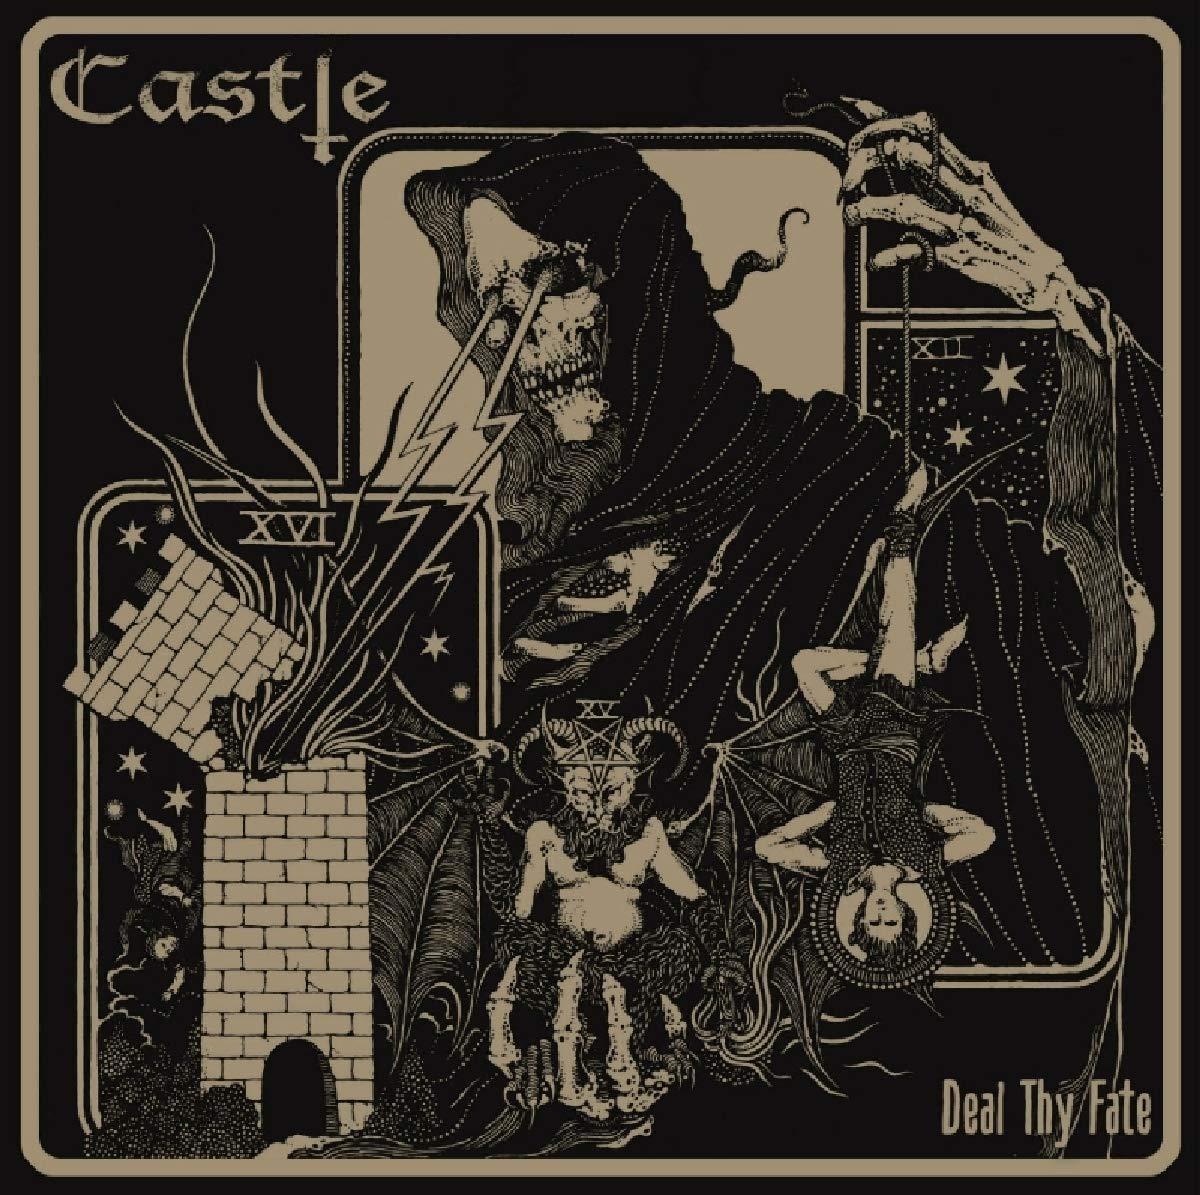 Vinilo : Castle - Deal Thy Fate (LP Vinyl)